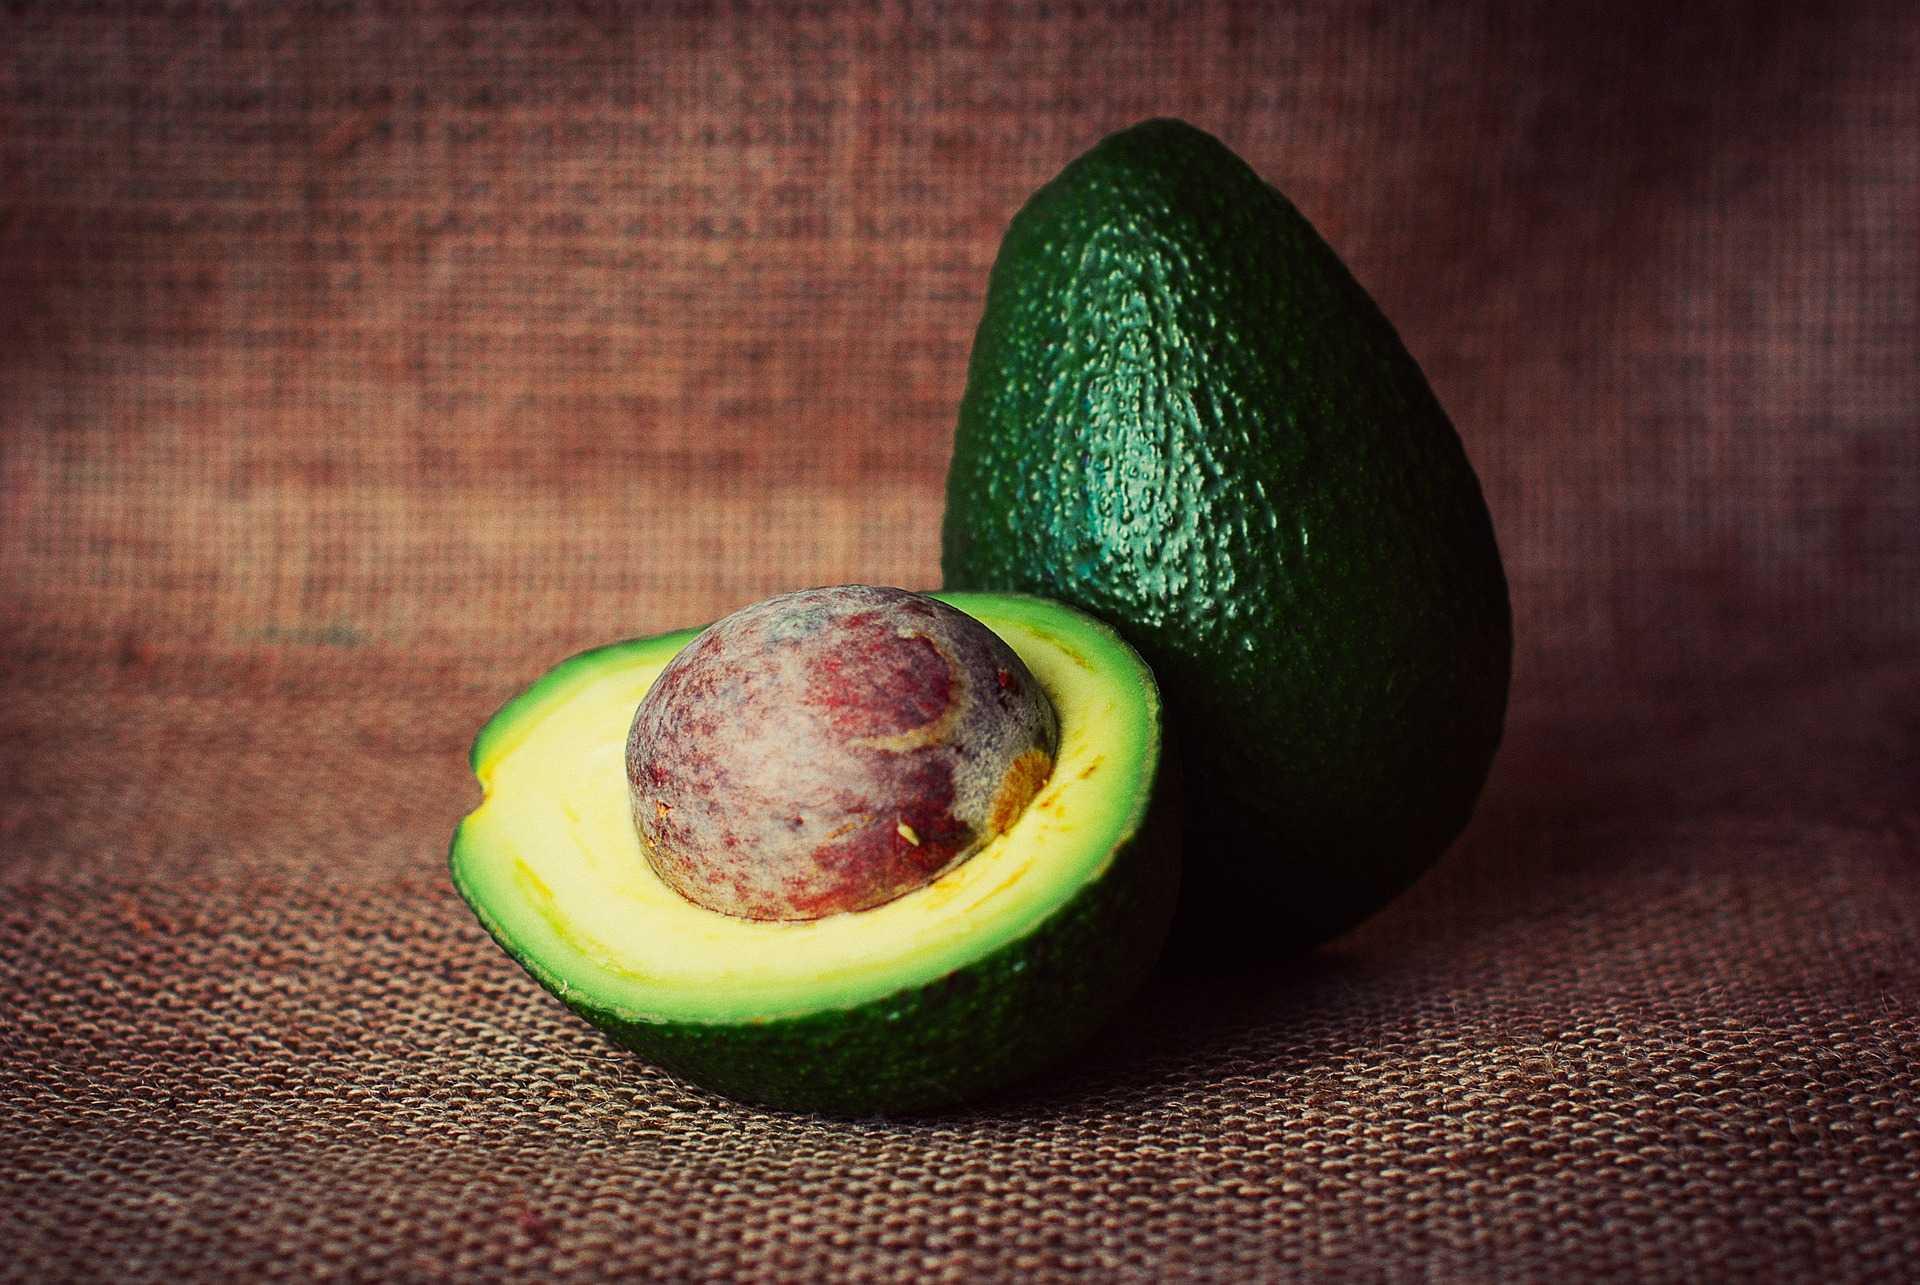 L'avocado, un frutto esotico che ci aiuta a dimagrire